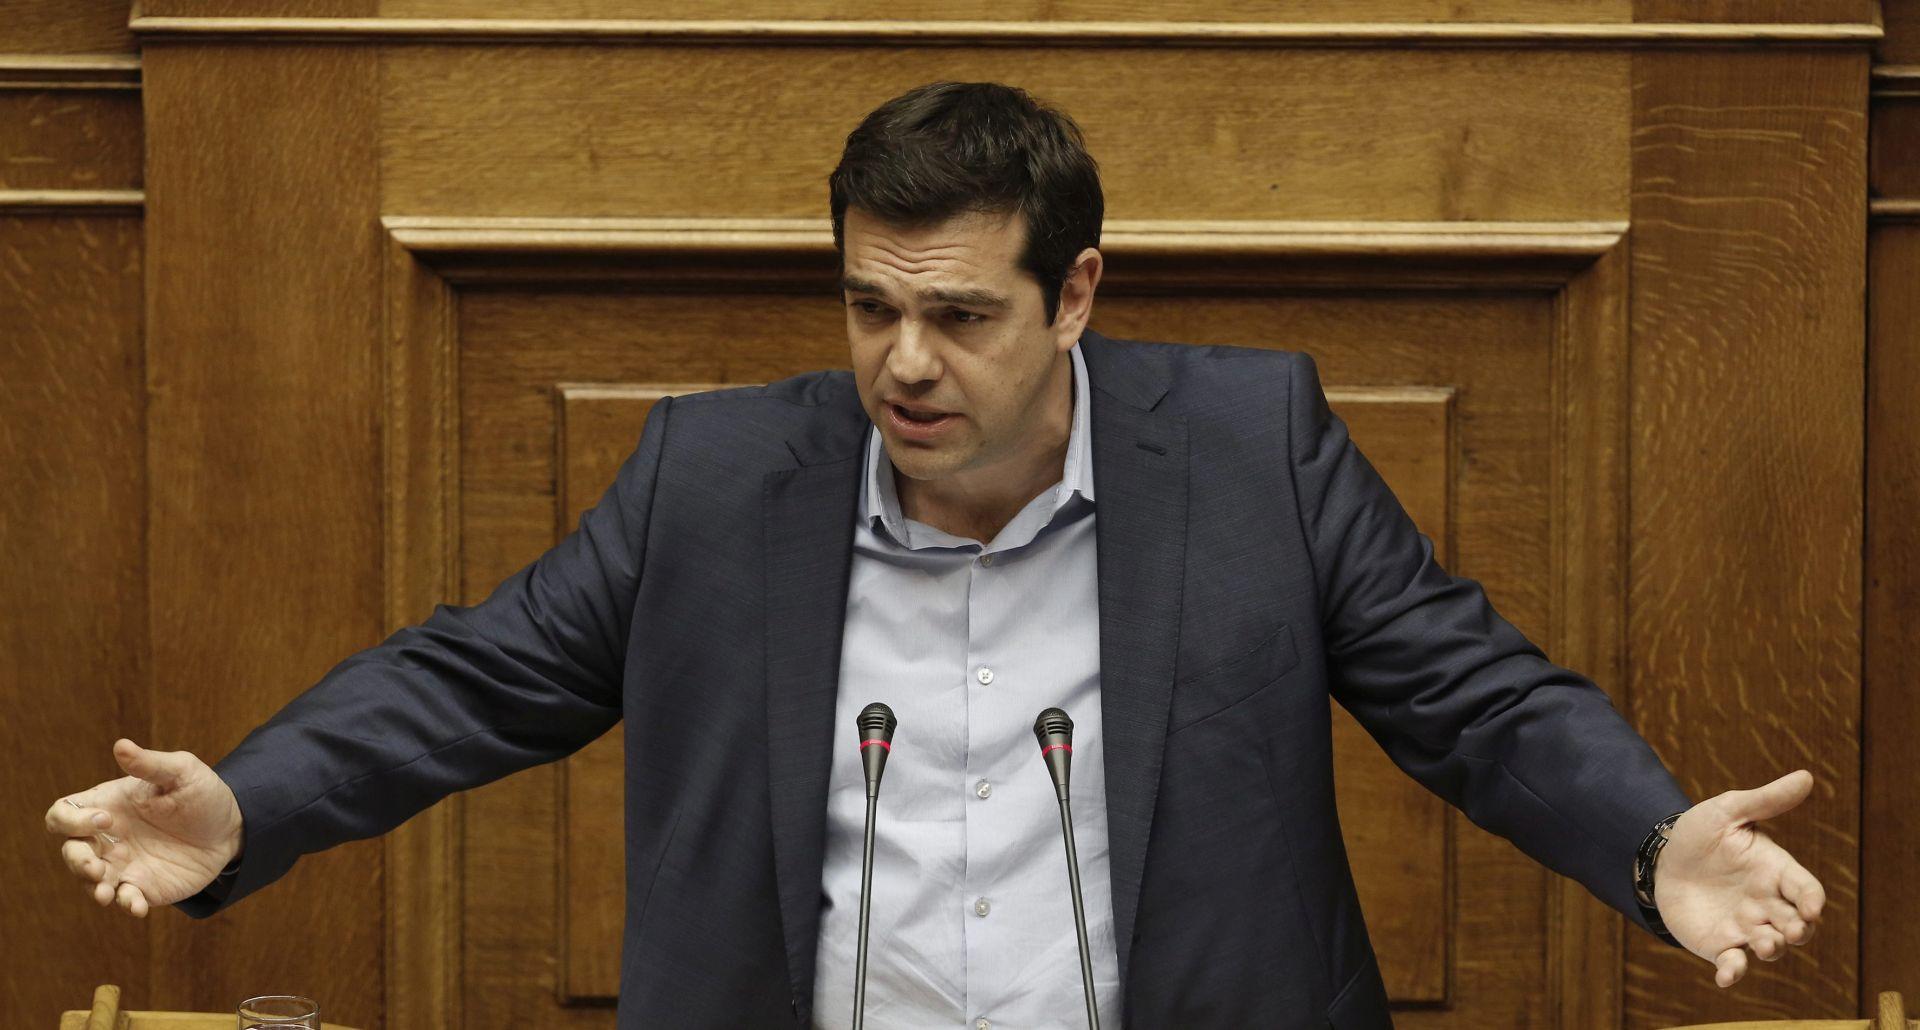 Grčka i vjerovnici dogovorili se da se mirovinska reforma primjenjuje od lipnja